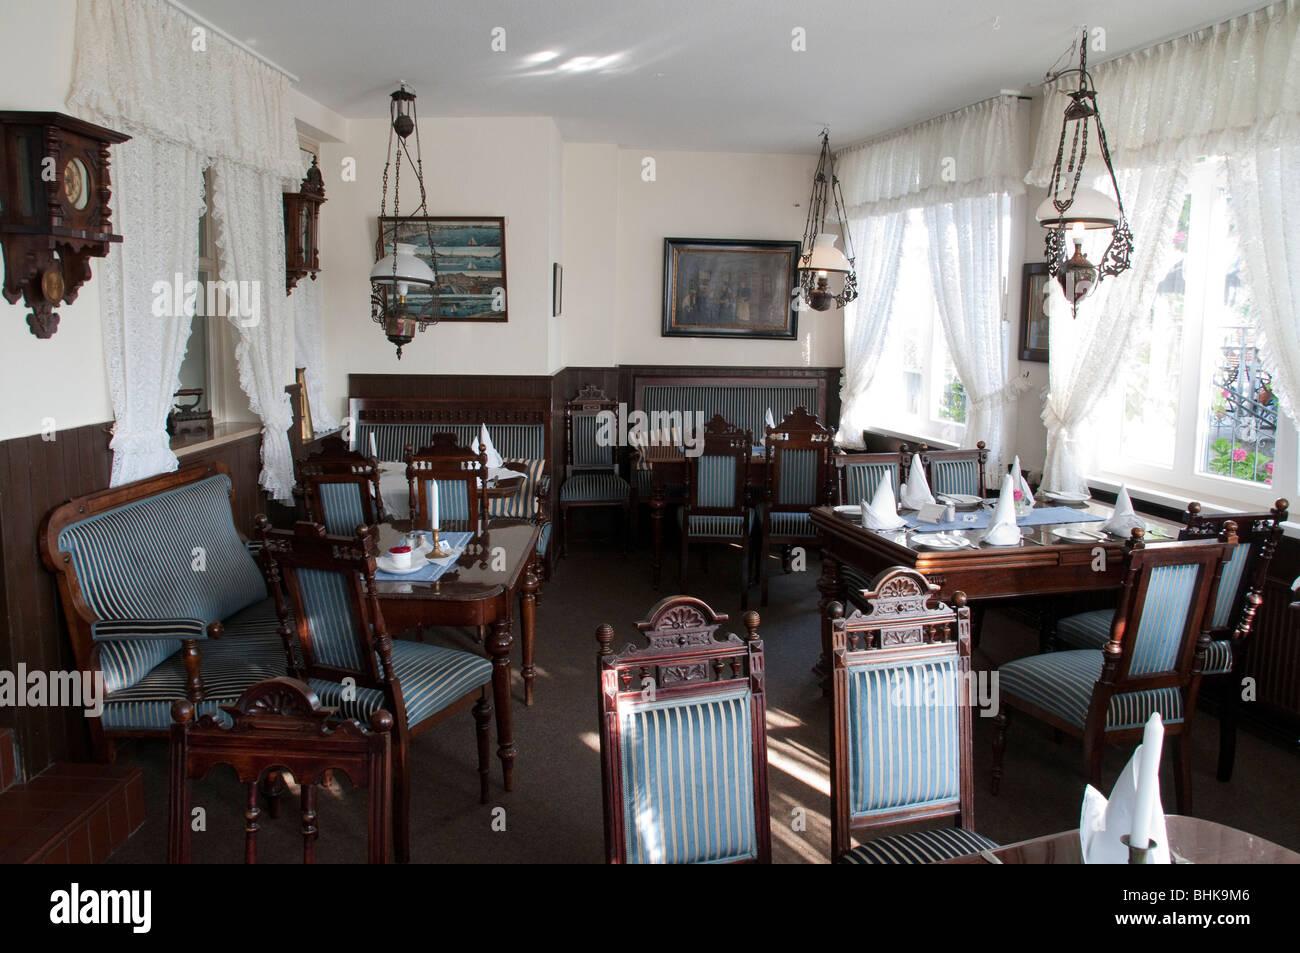 Restaurant Ahrberg Innen, Blankenese, Hamburg, Deutschland   Restaurant Ahrberg, Blankenese, Hamburg, Deutschland Stockbild